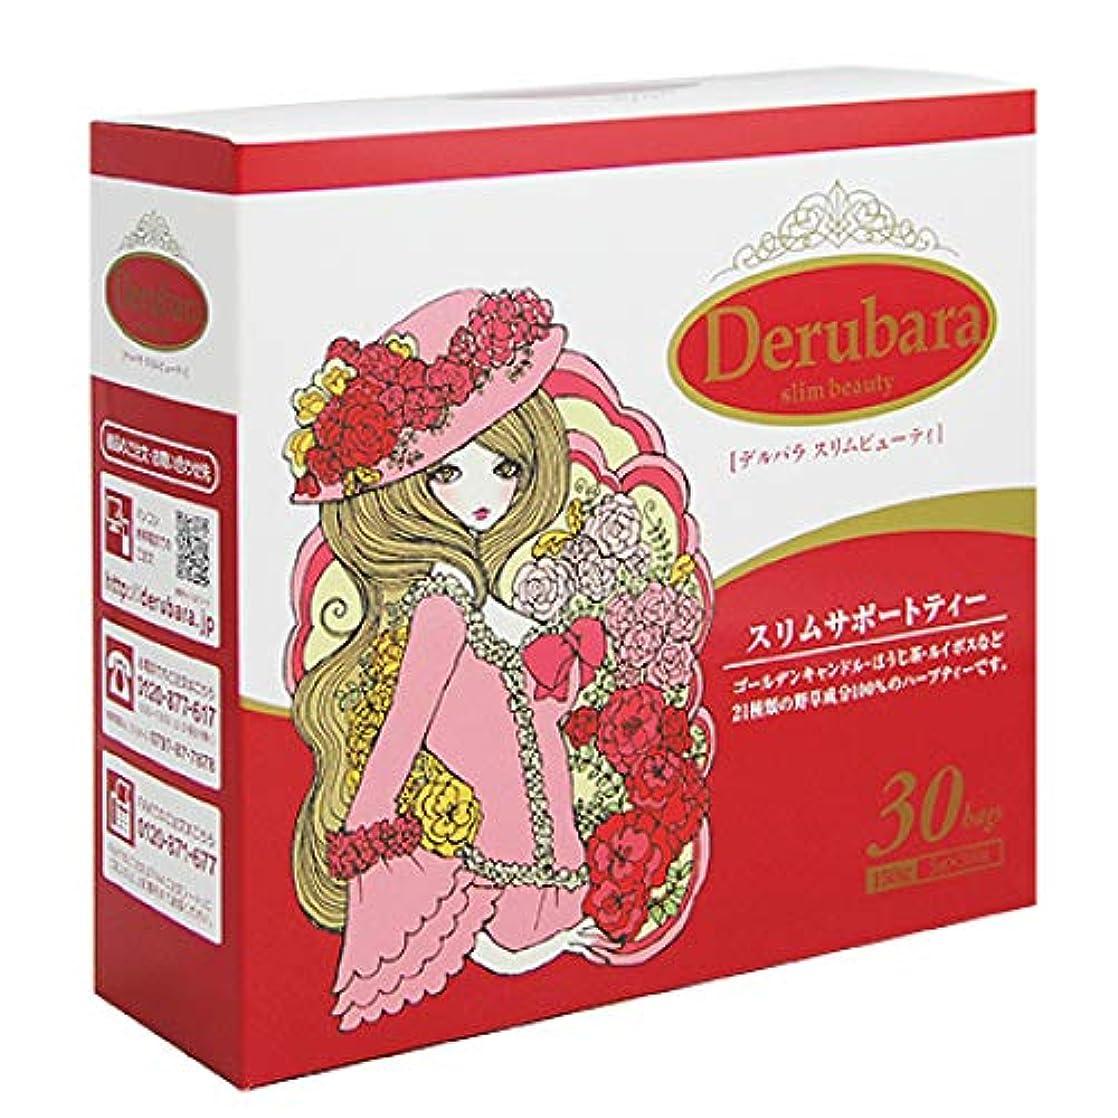 どのくらいの頻度で特徴づけるバットデルバラスリムビューティ 1箱 (1包5g×30包入)朝スッキリ! キャンドルブッシュ お茶